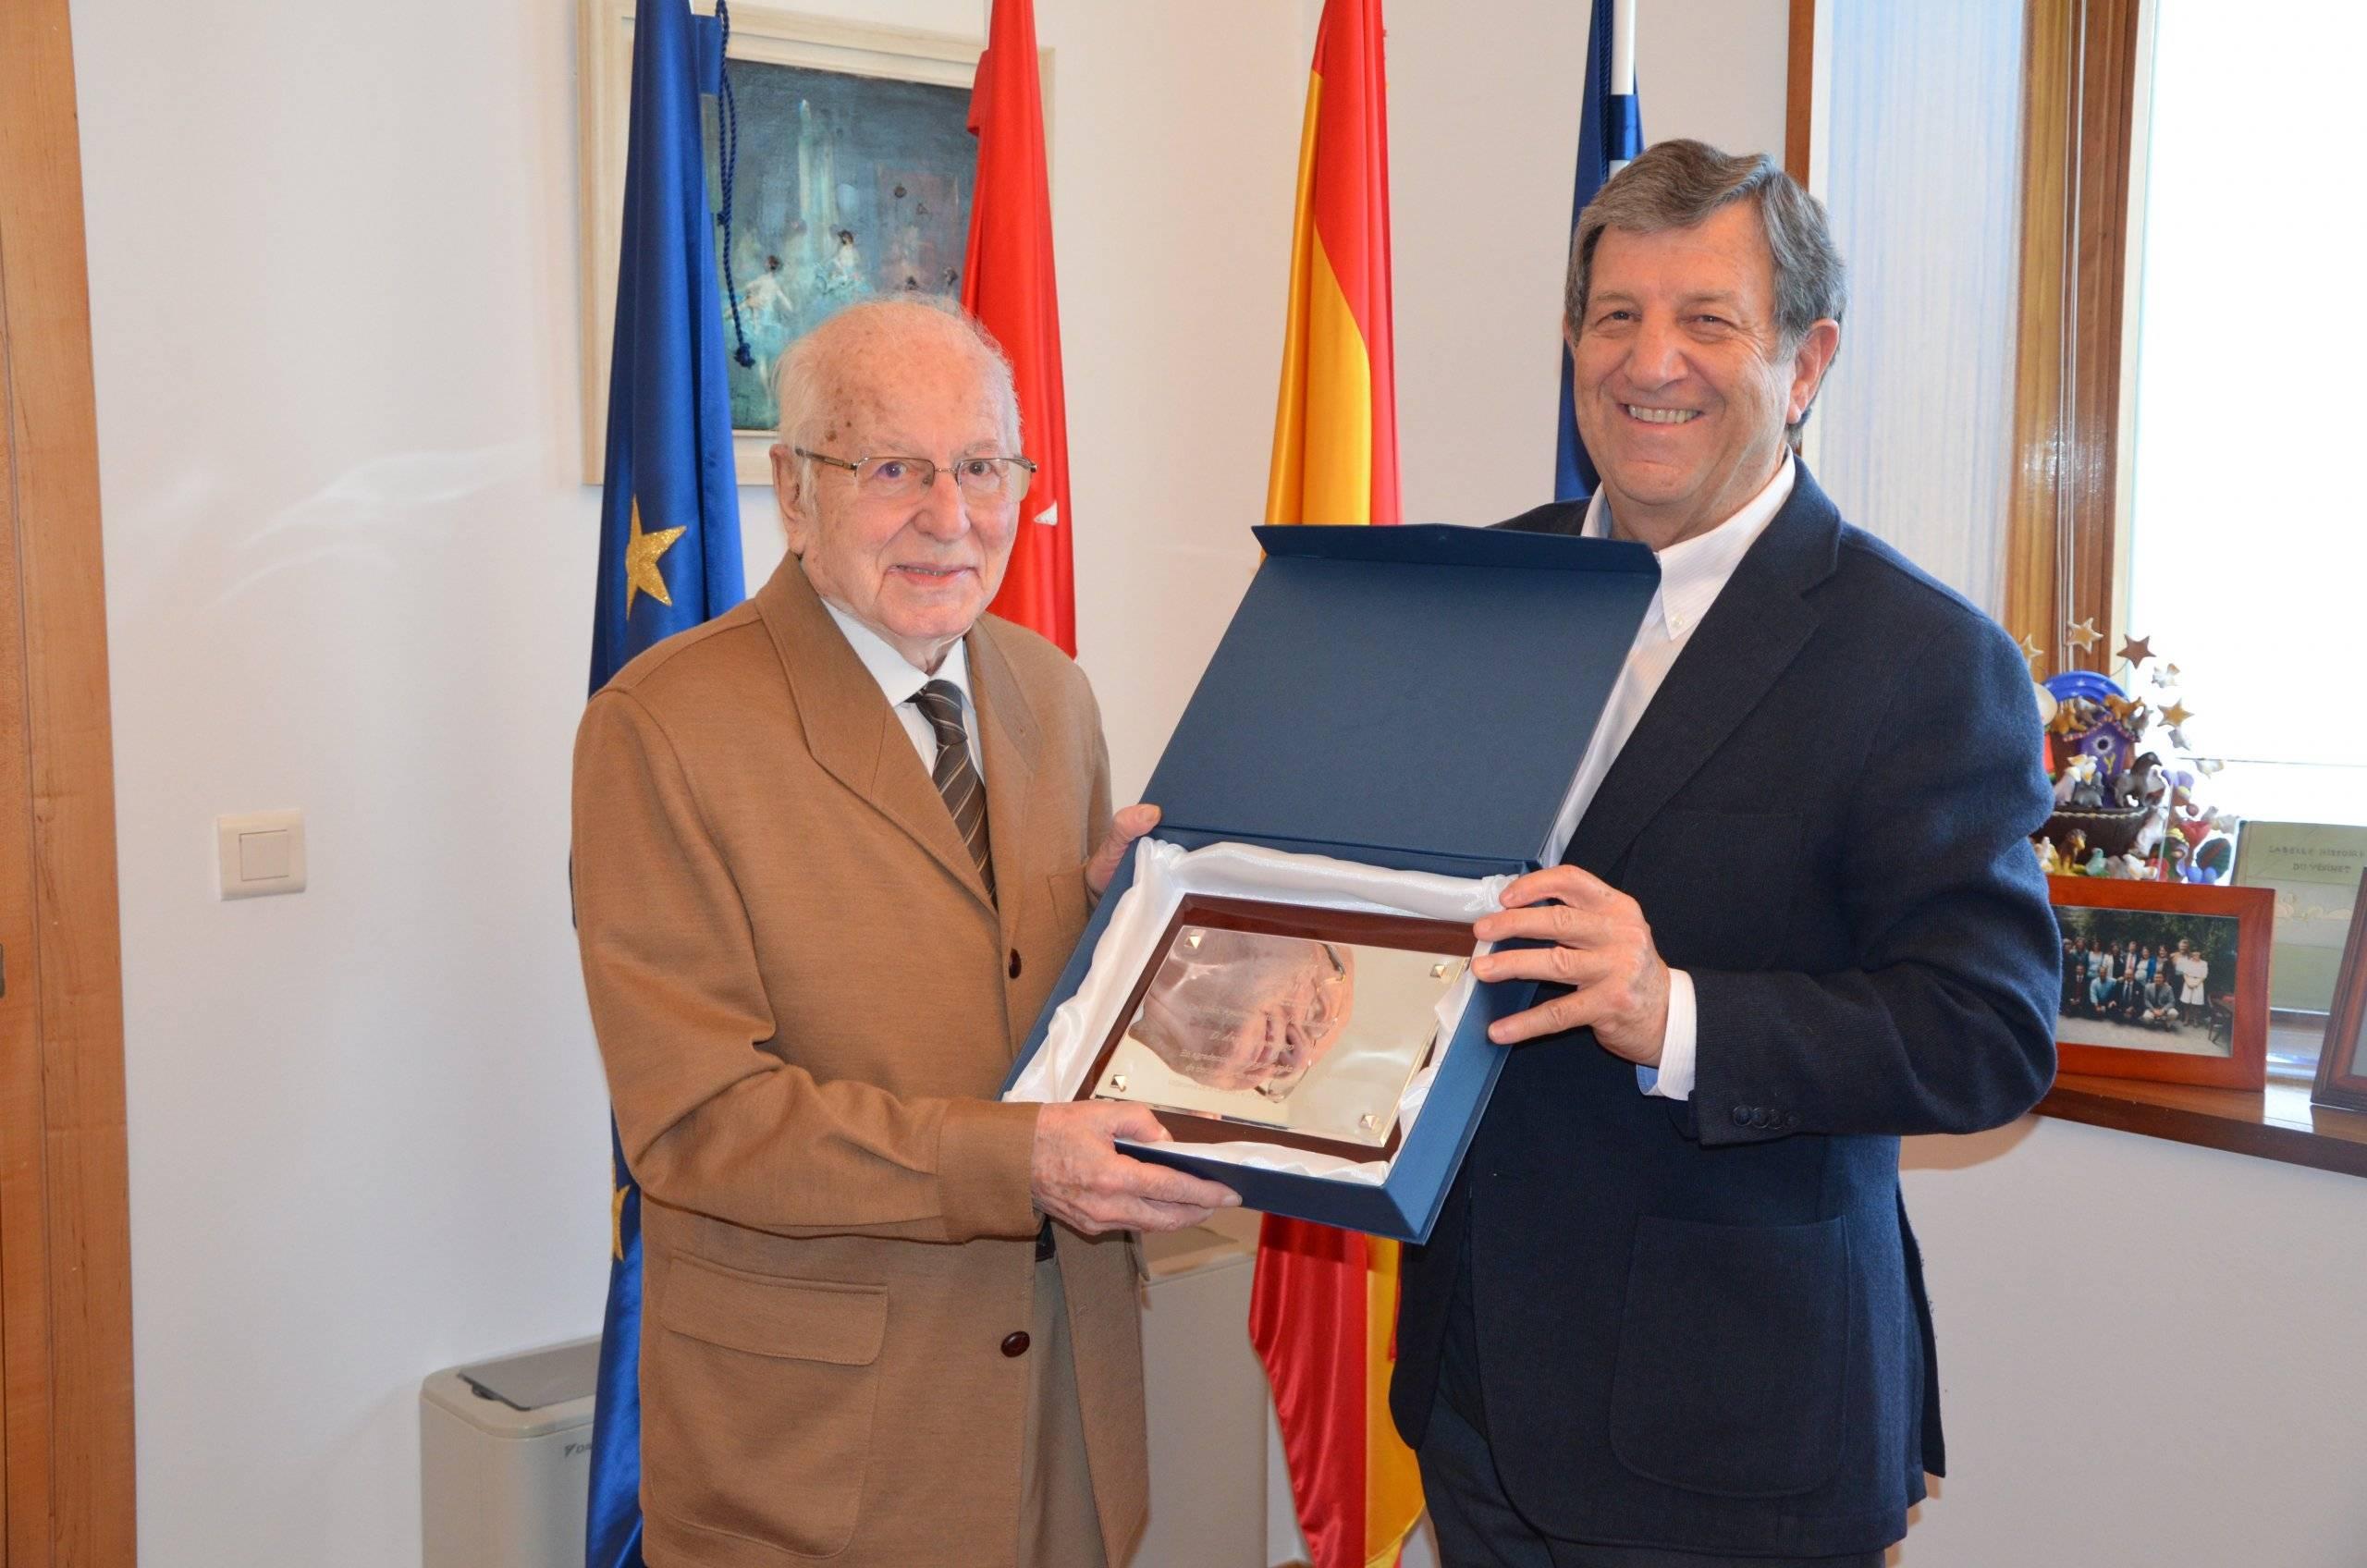 Foto Ángel Domingo y Luis Partida.